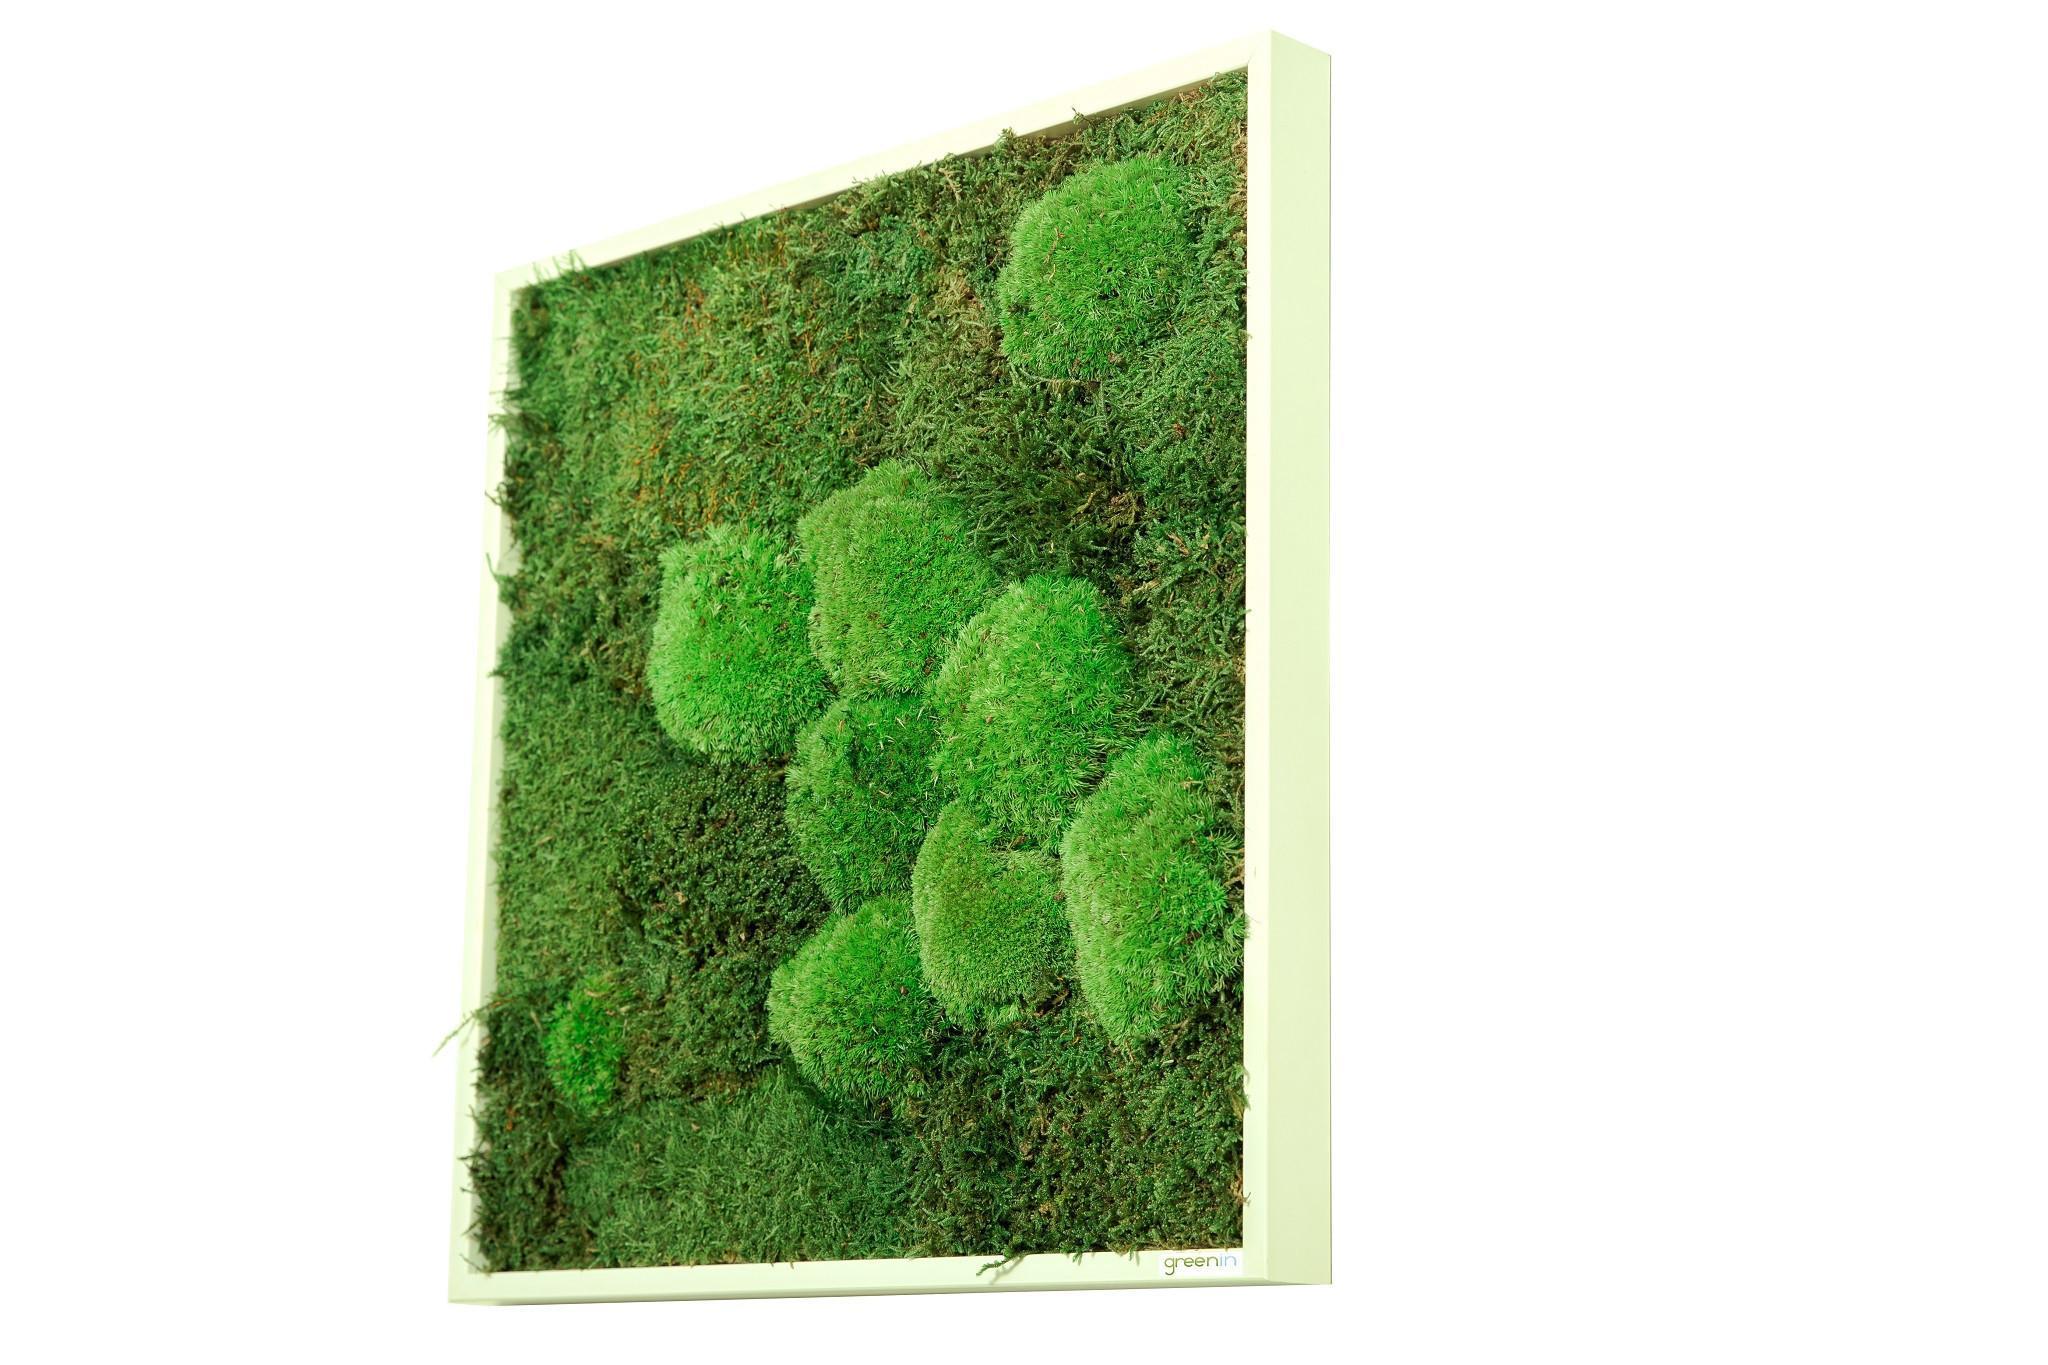 Machový obraz GREENIN wood